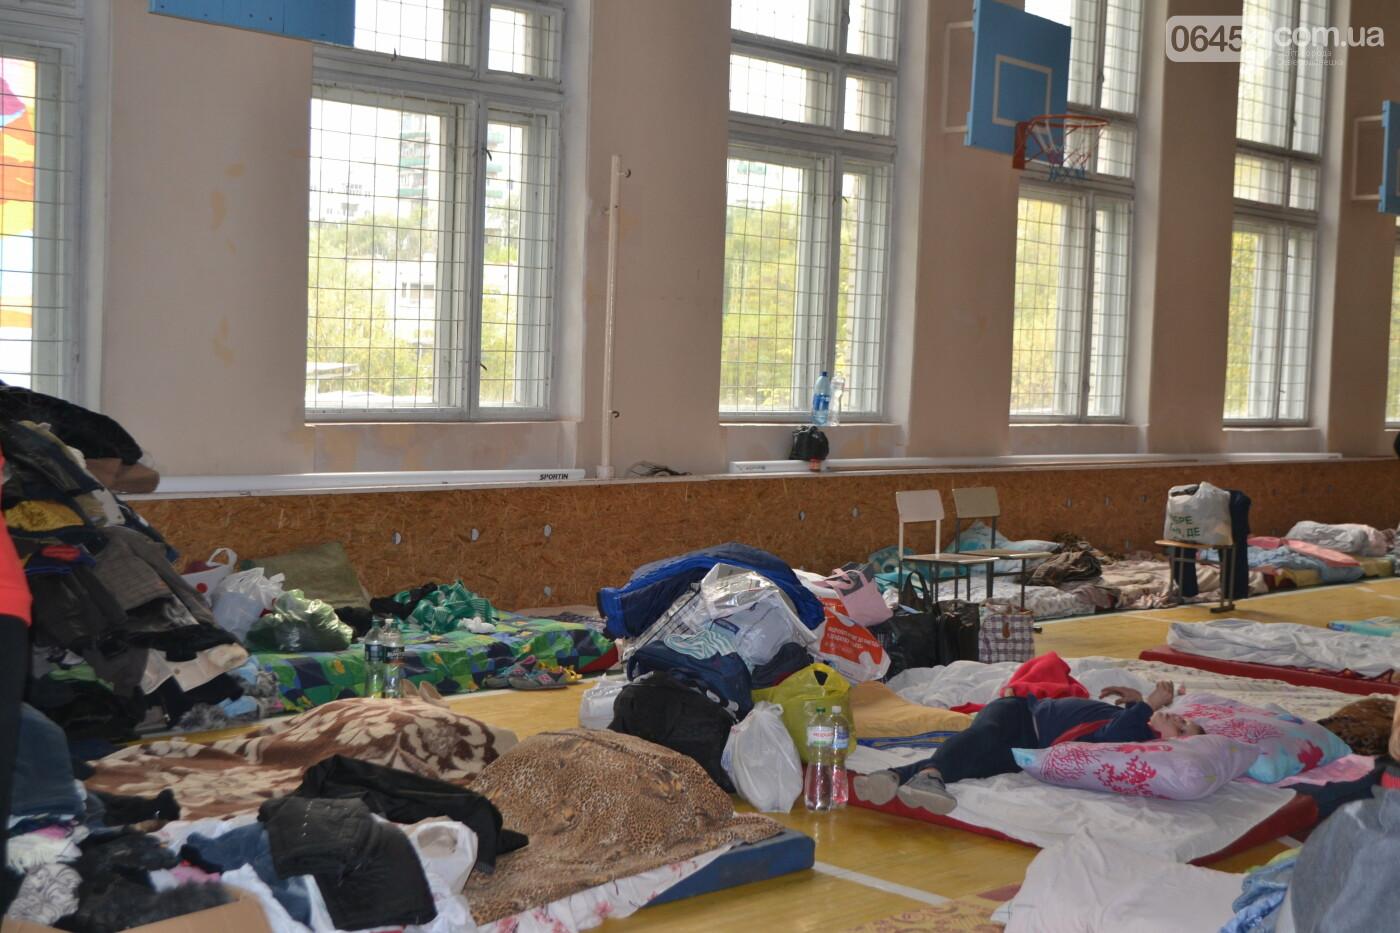 Продукты, средства гигиены и посуда: погорельцы Луганщины нуждаются в помощи, фото-17